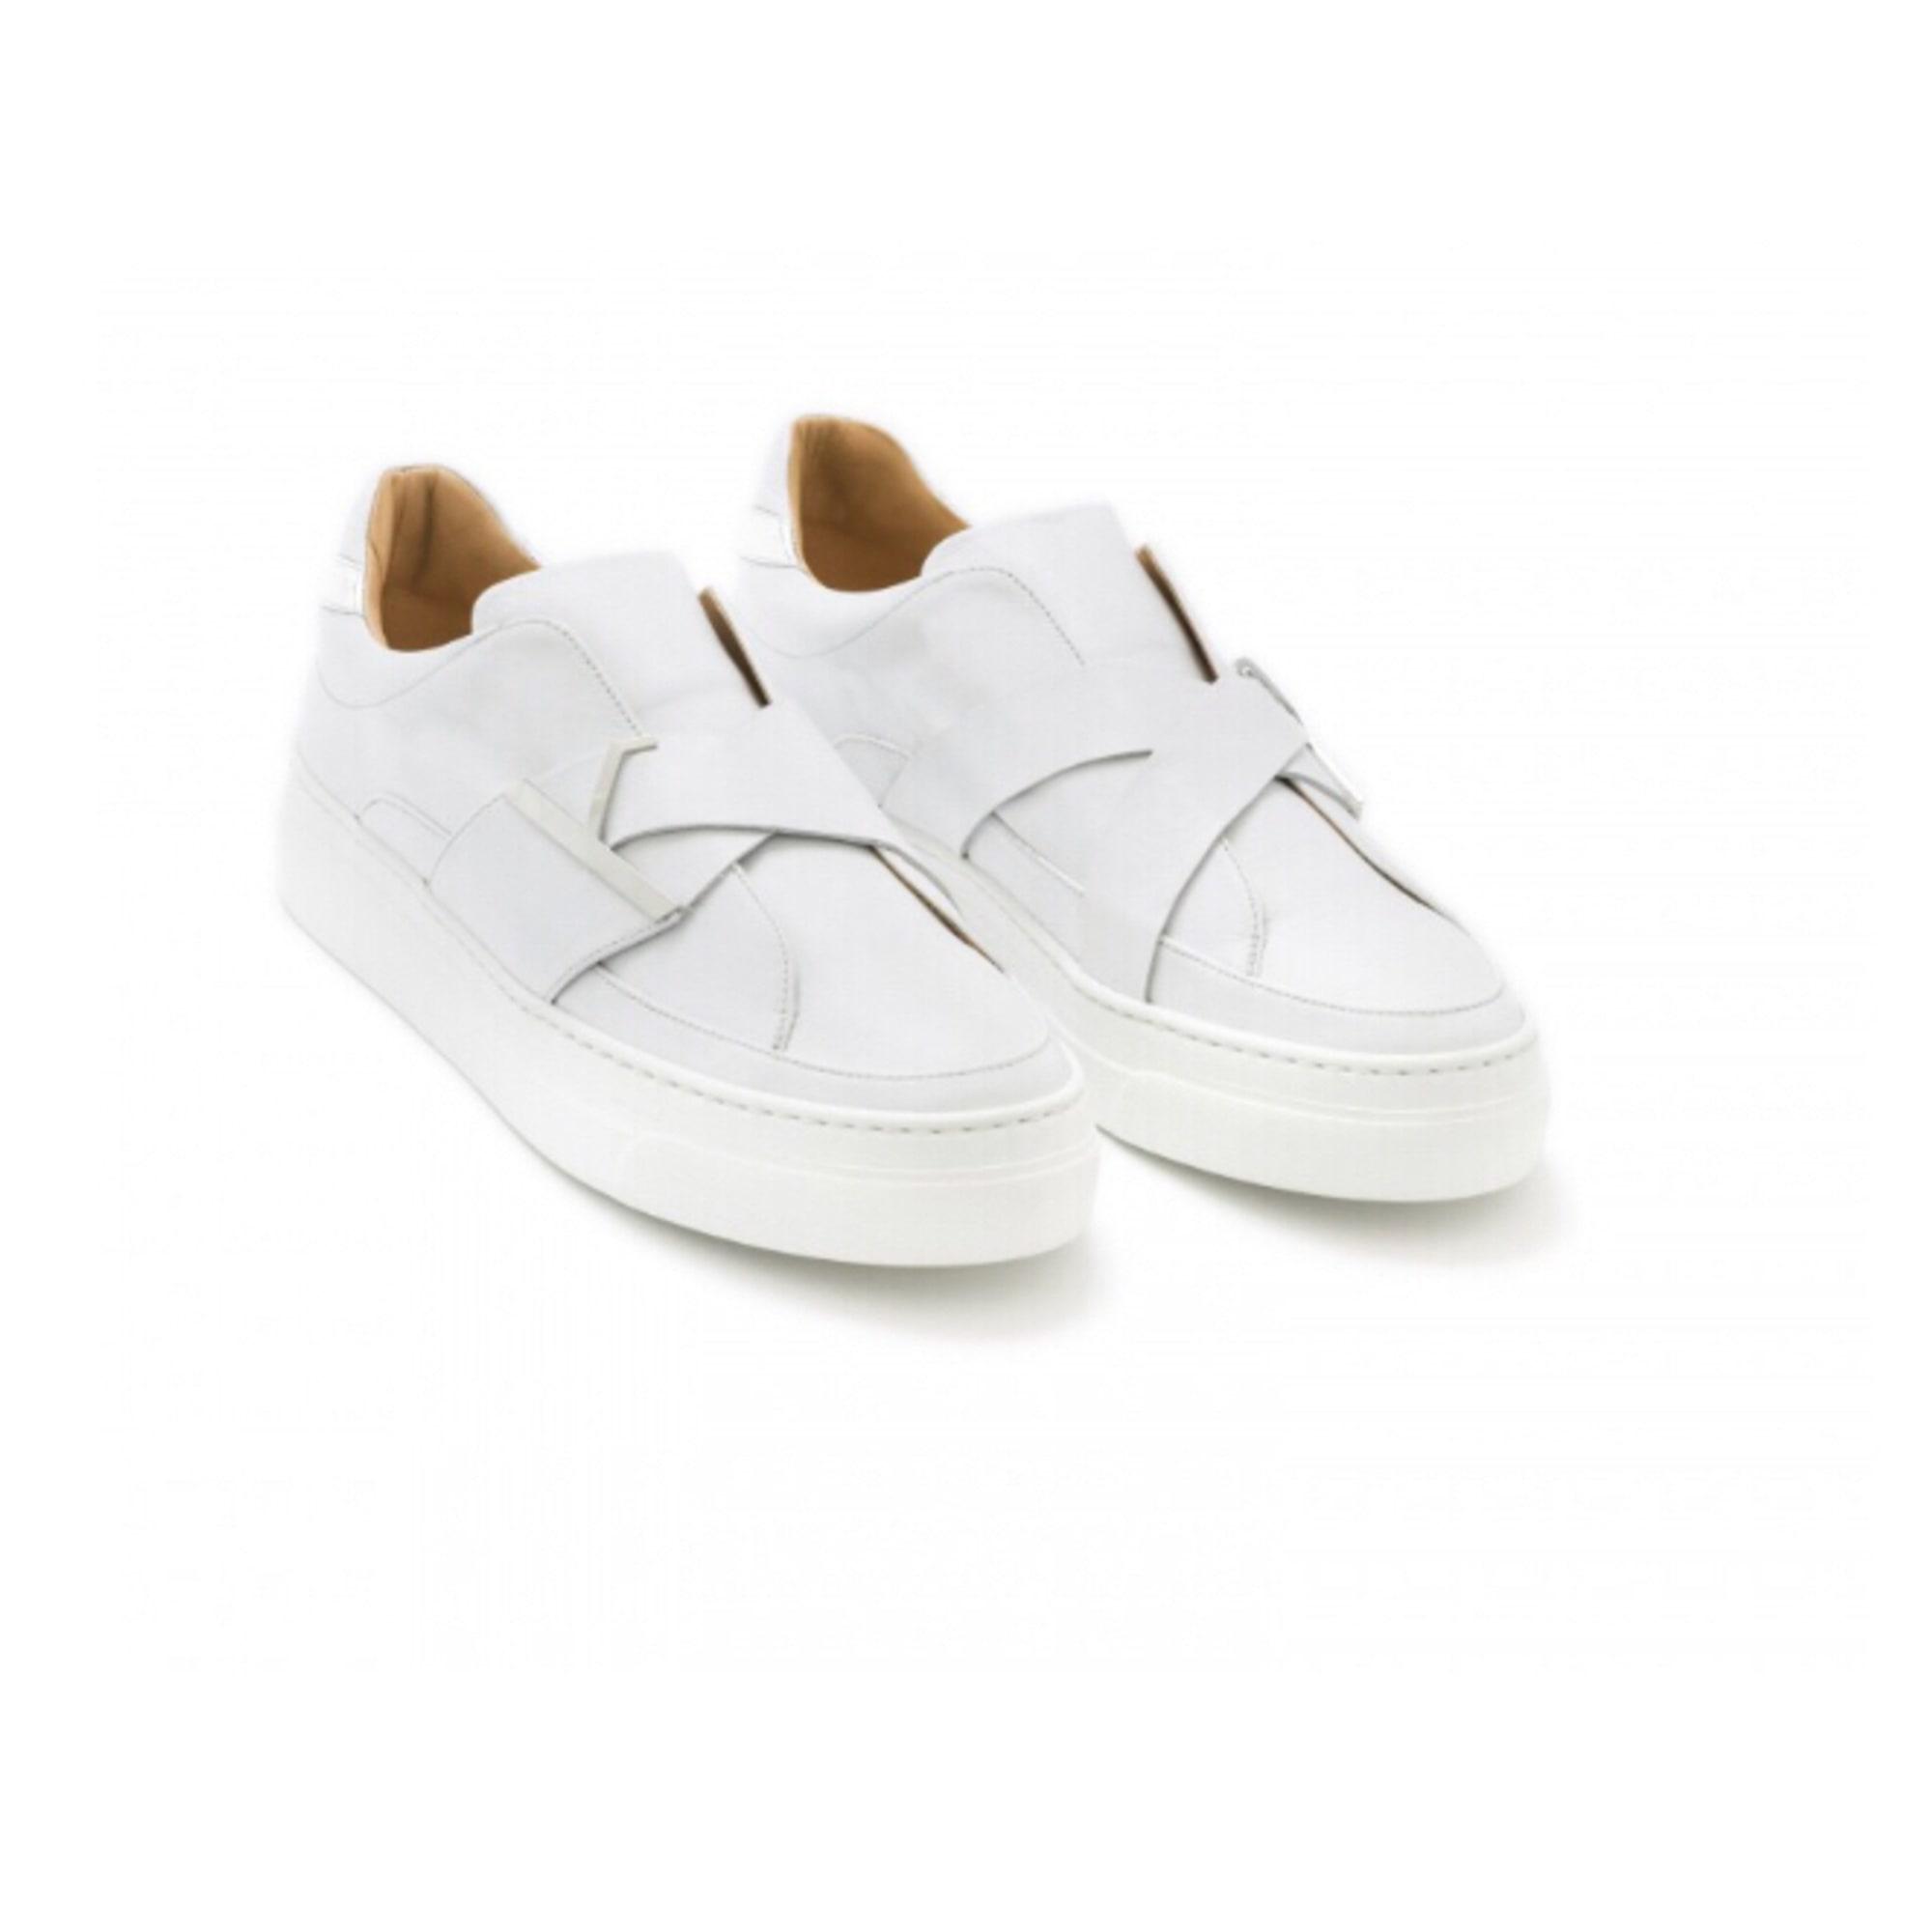 Chaussures d'occasion bottes et basket Ile de France leboncoin